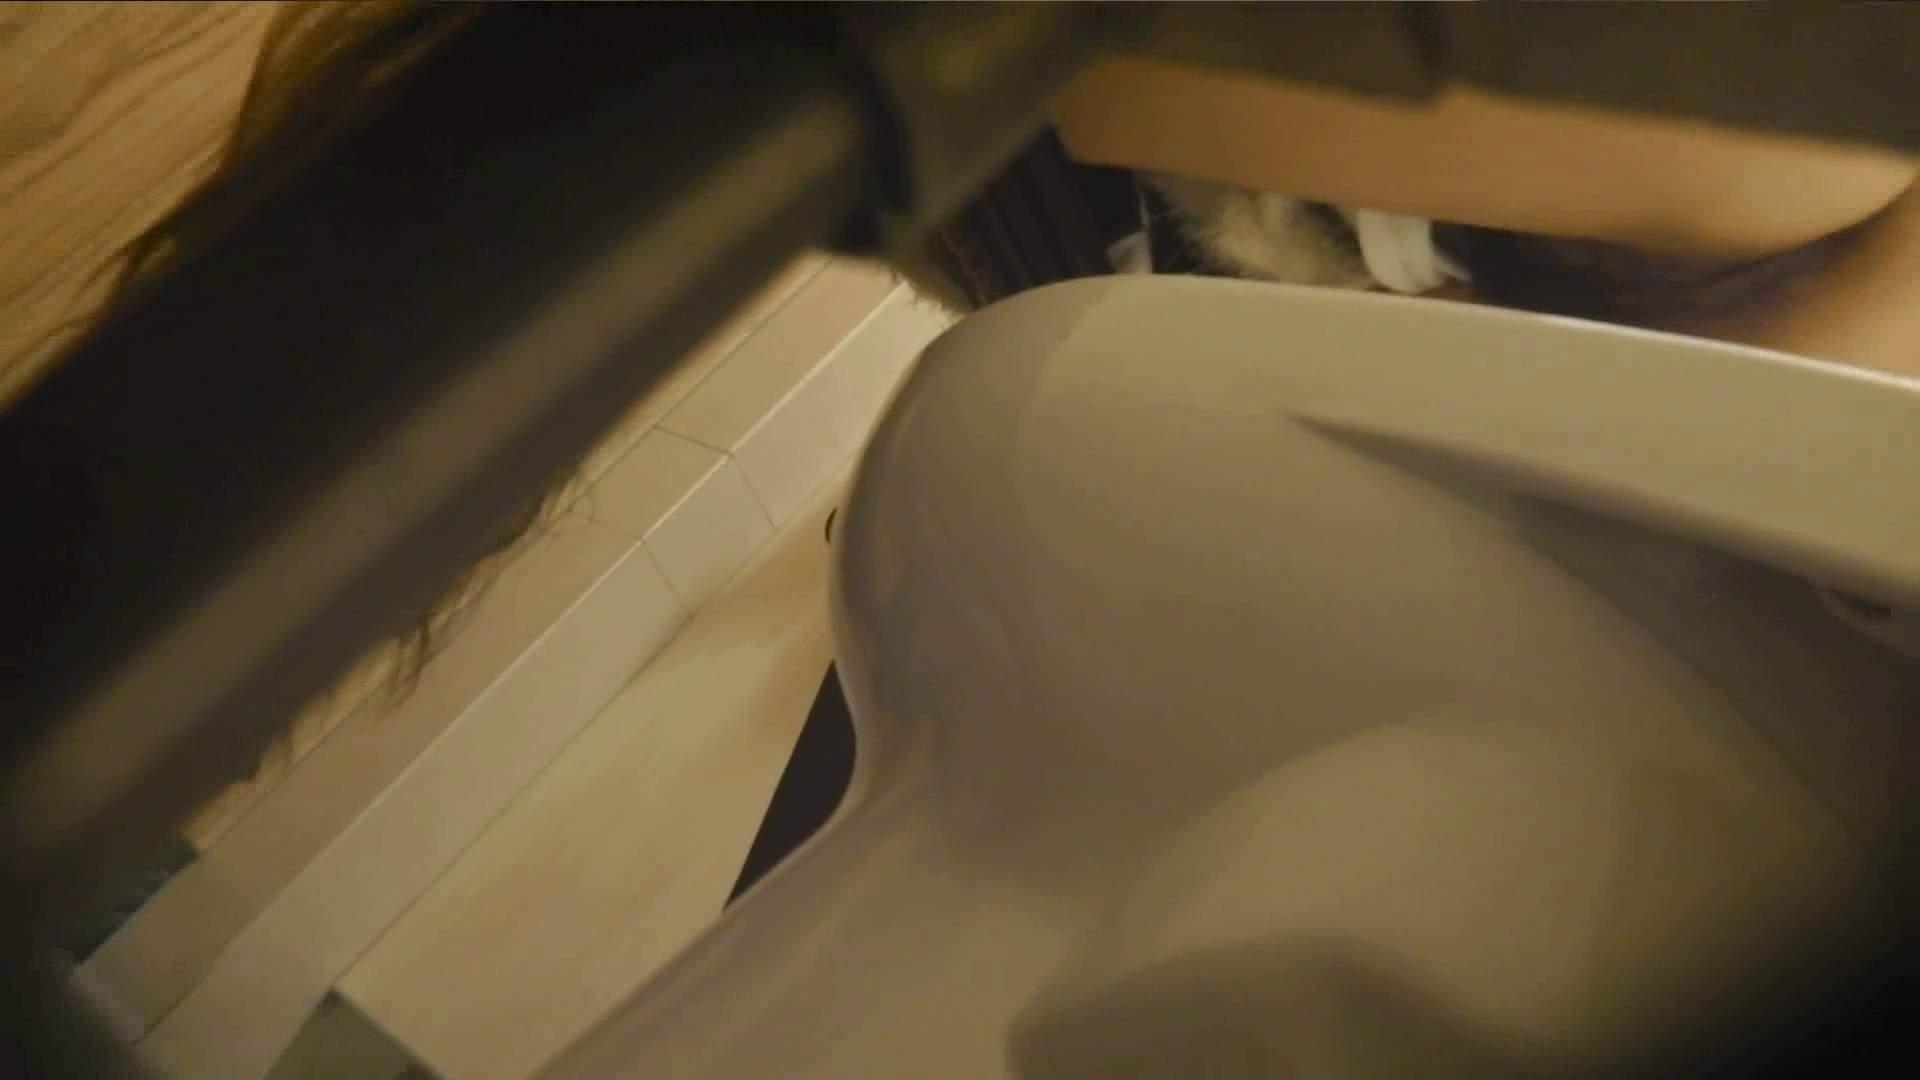 阿国ちゃんの「和式洋式七変化」No.18 iBO(フタコブ) 洗面所シーン すけべAV動画紹介 98画像 71